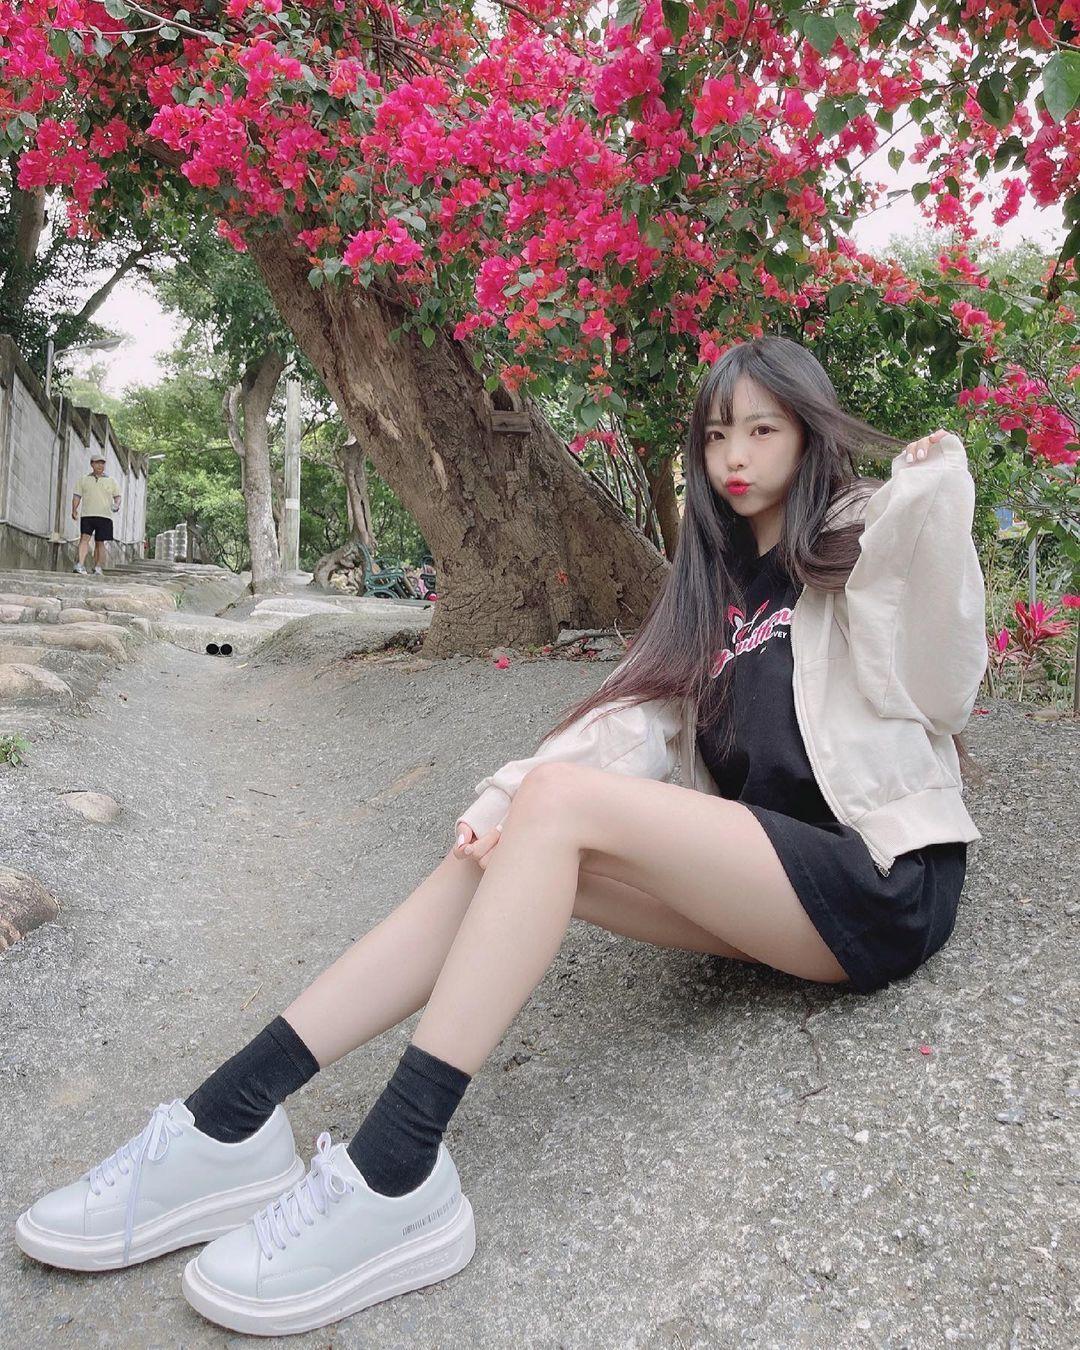 清新可爱的「软萌系美女」赵兔兔,性感旗袍小露,粉丝看到受不了. 养眼图片 第18张